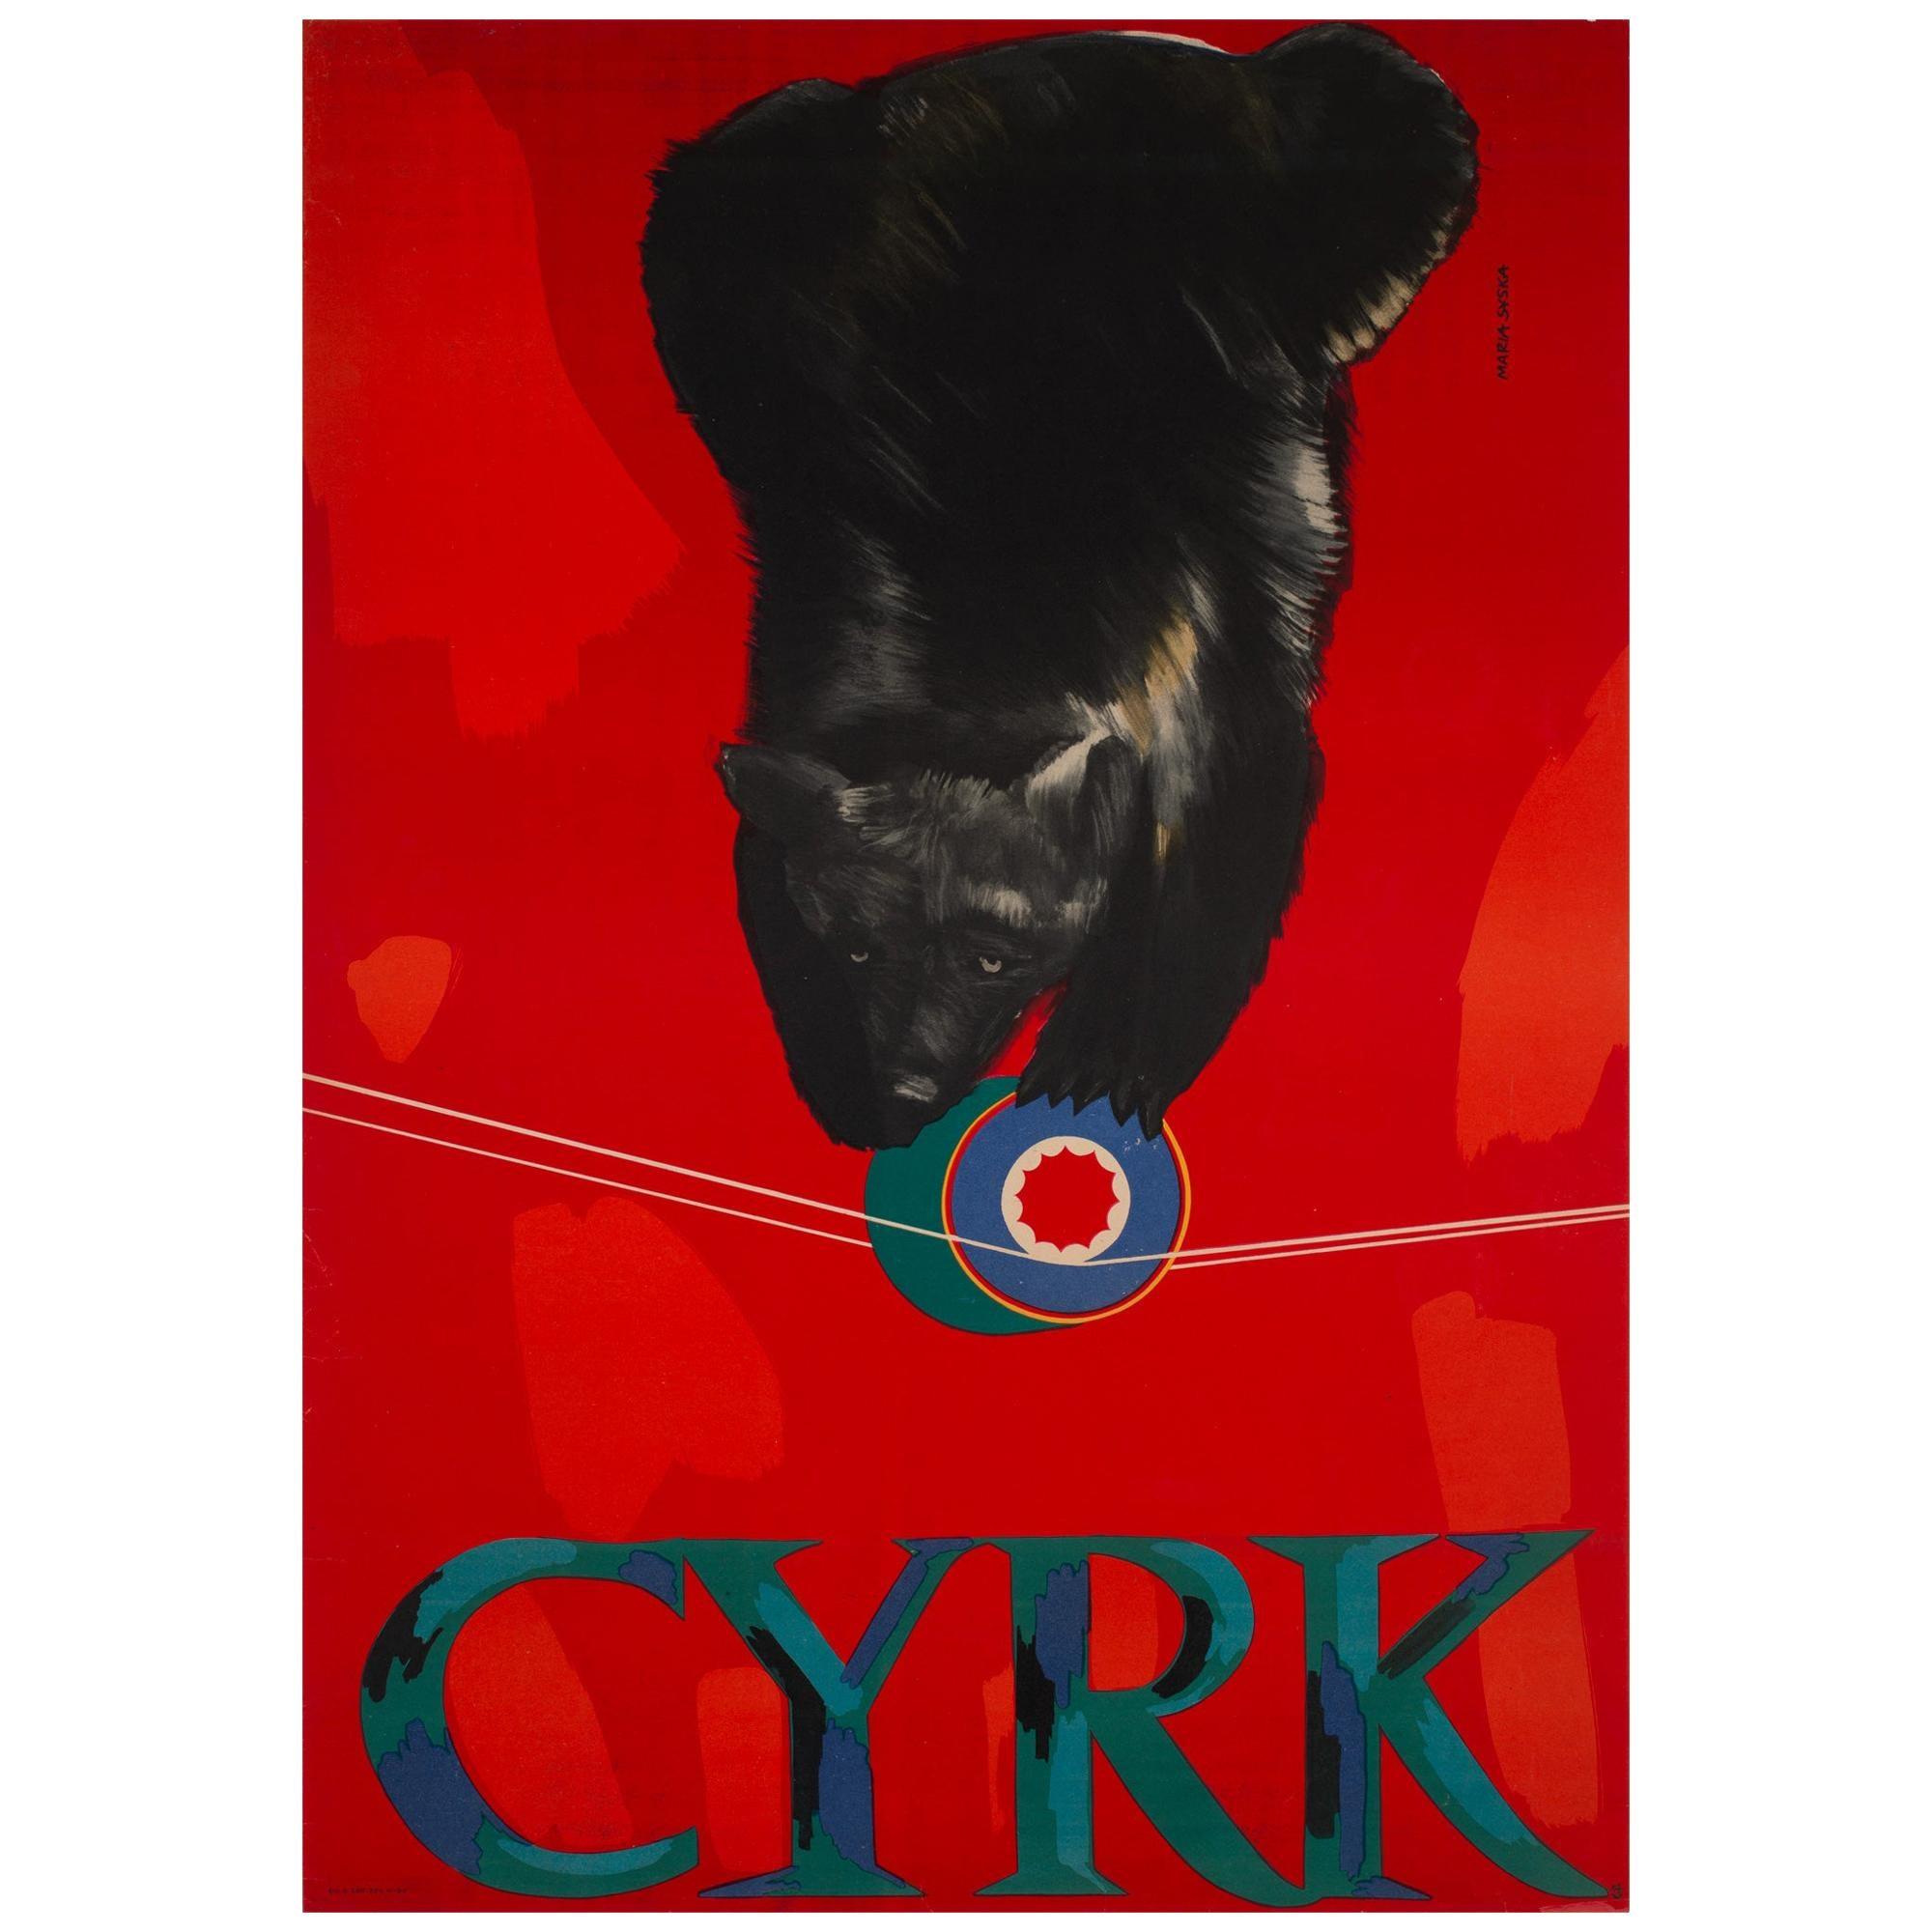 CYRK Tightrope Balancing Bear 1960s Polish Circus Poster, Syska